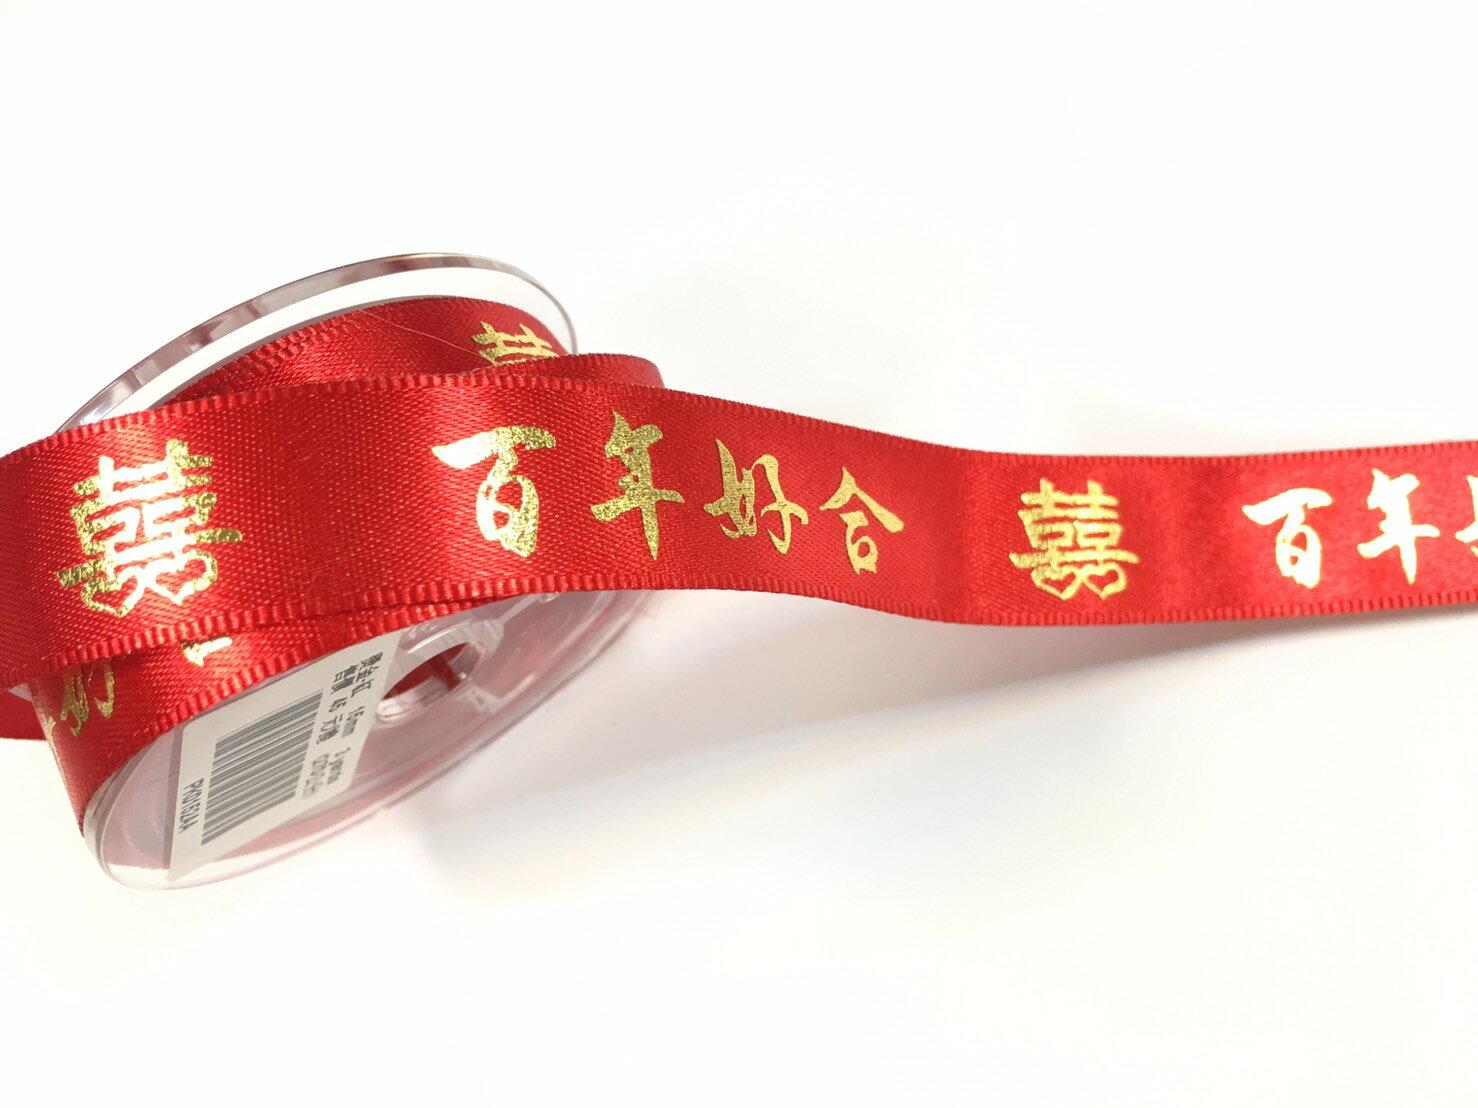 雙緞面婚禮緞帶-燙金雙囍百年好合 15mm 3碼裝(6色) 2